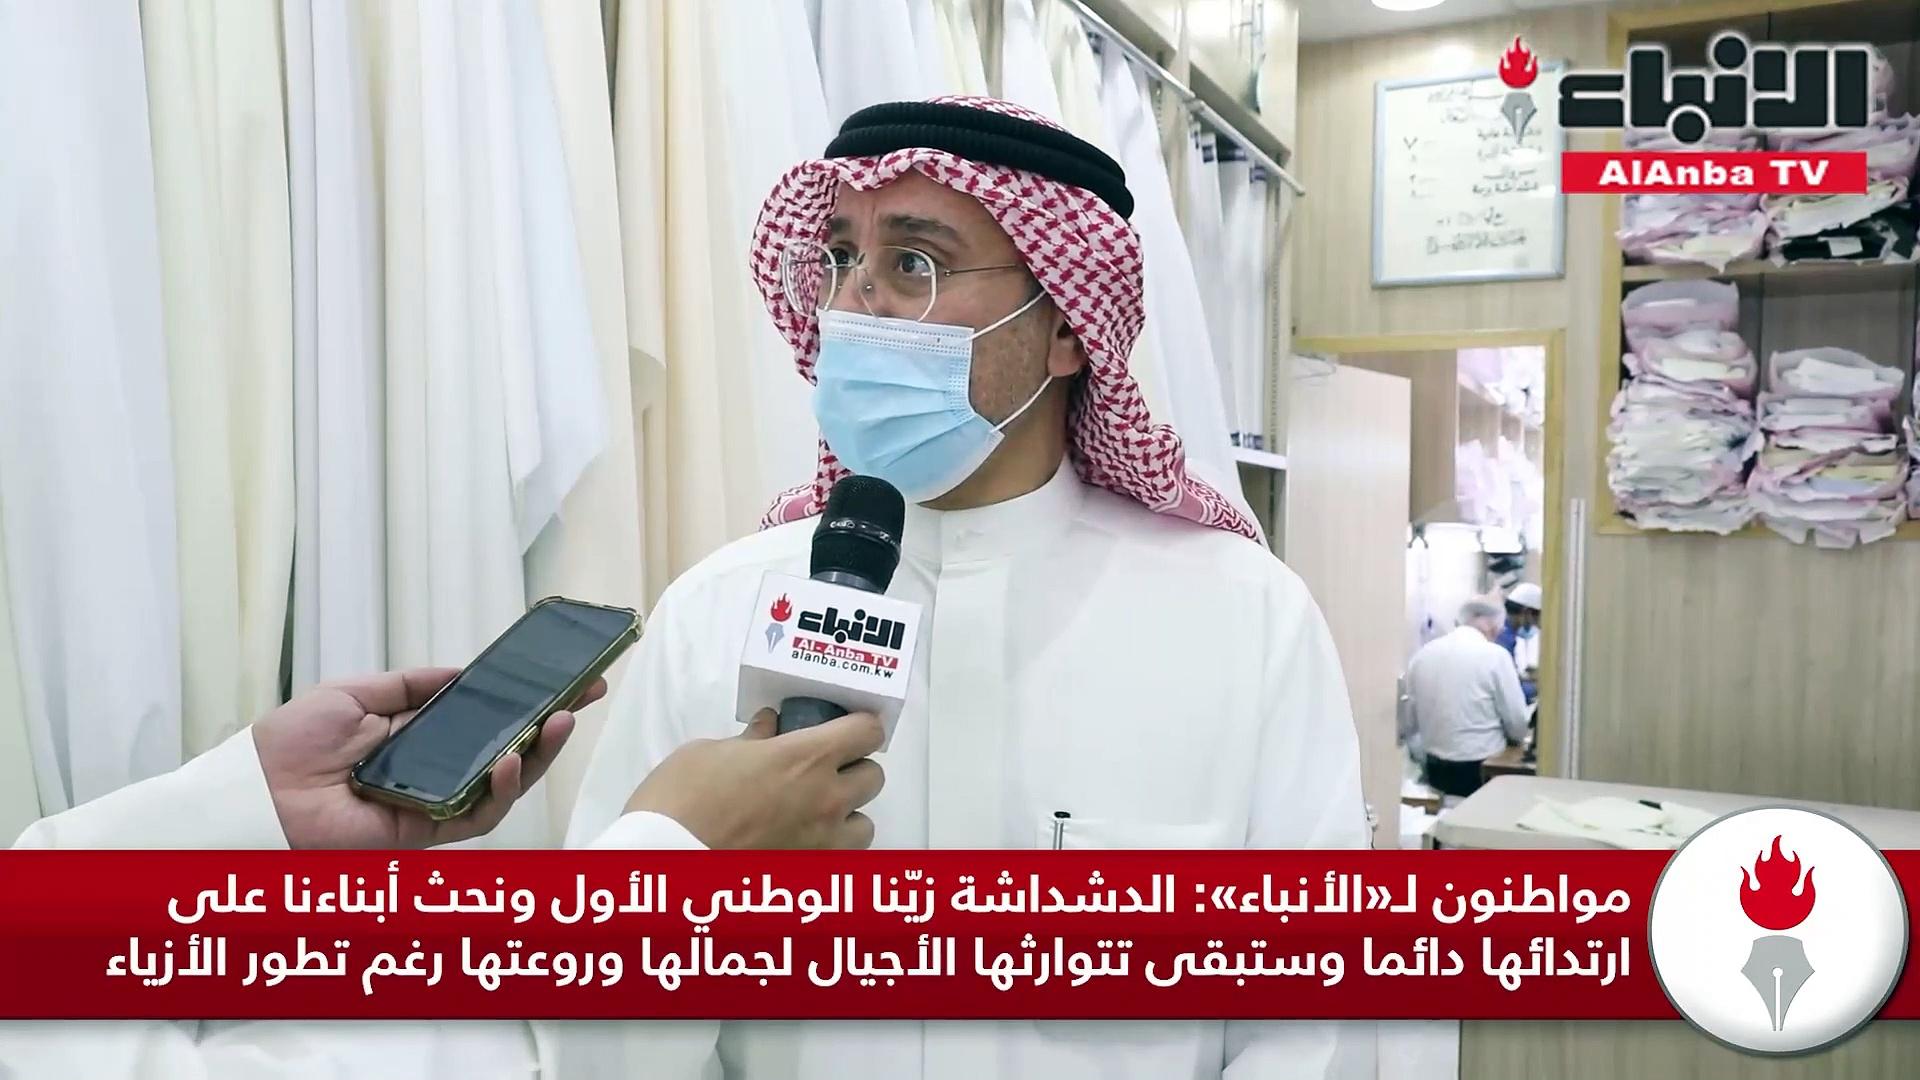 «الدشداشة» رمز للهوية الكويتية رغم «كورونا» وتطورات الموضة